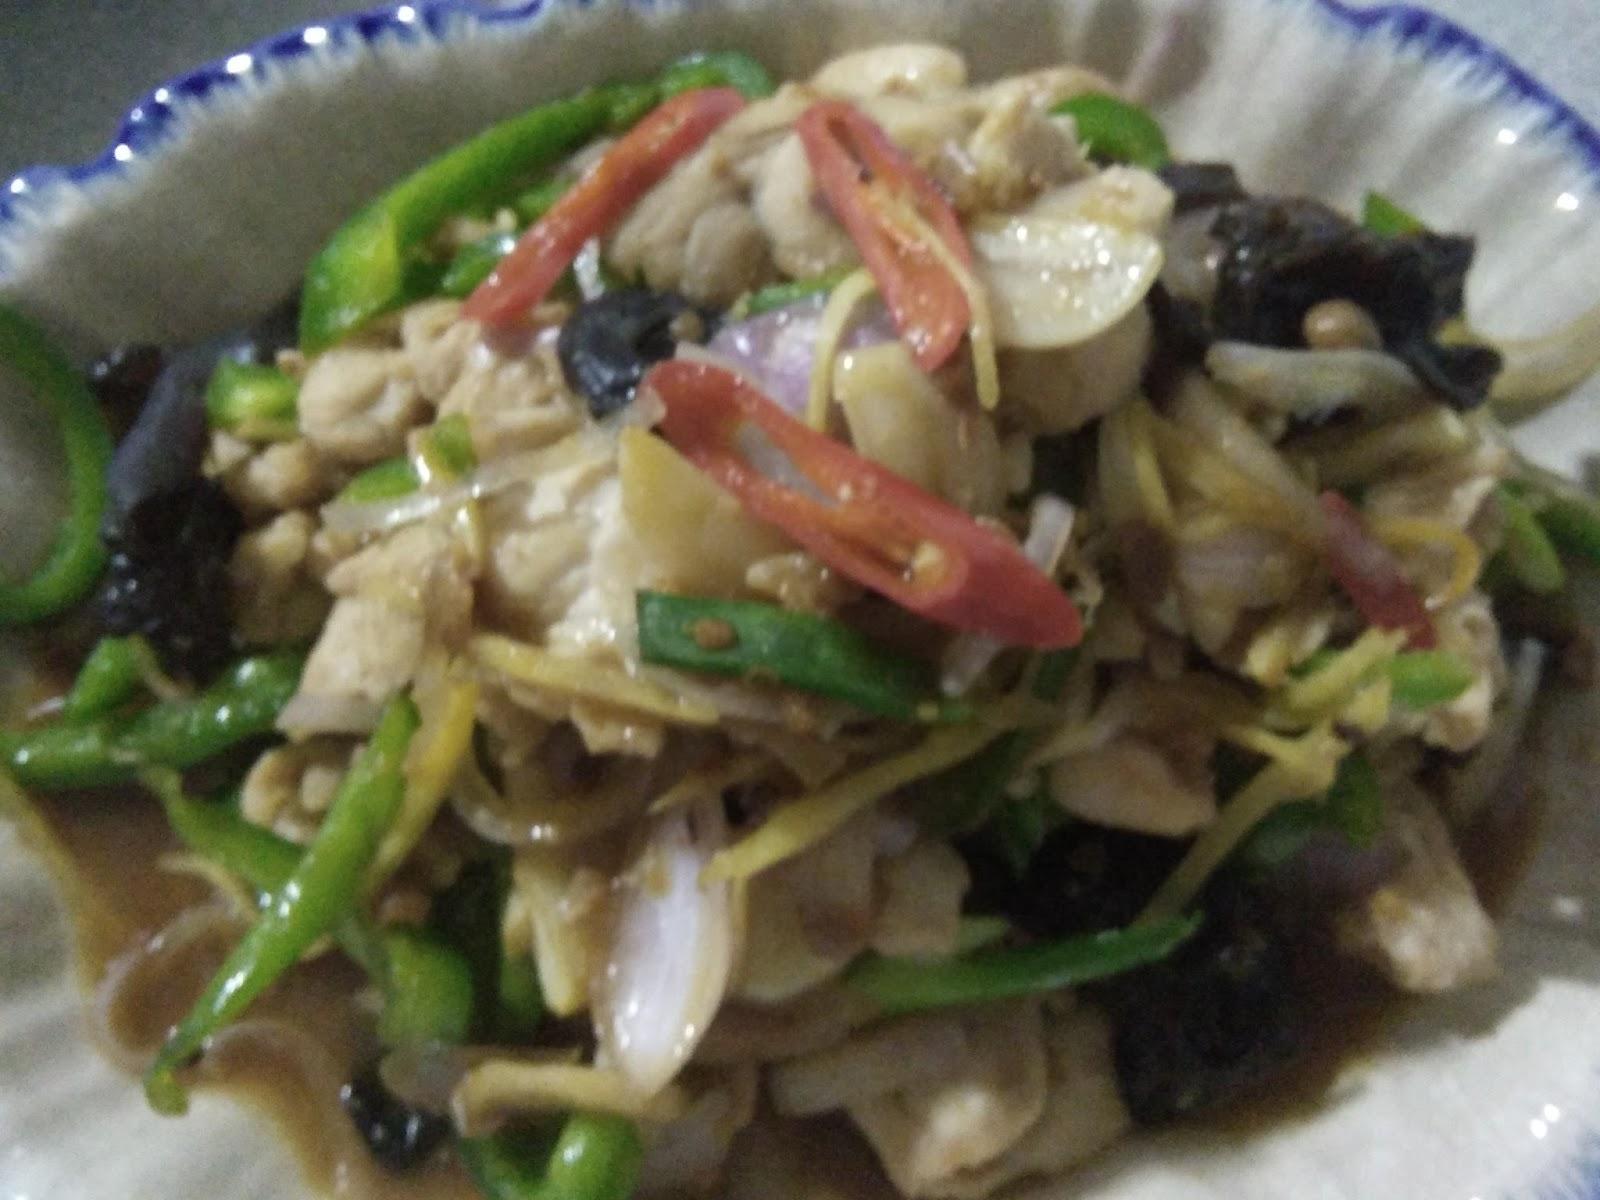 Thai Food Kc